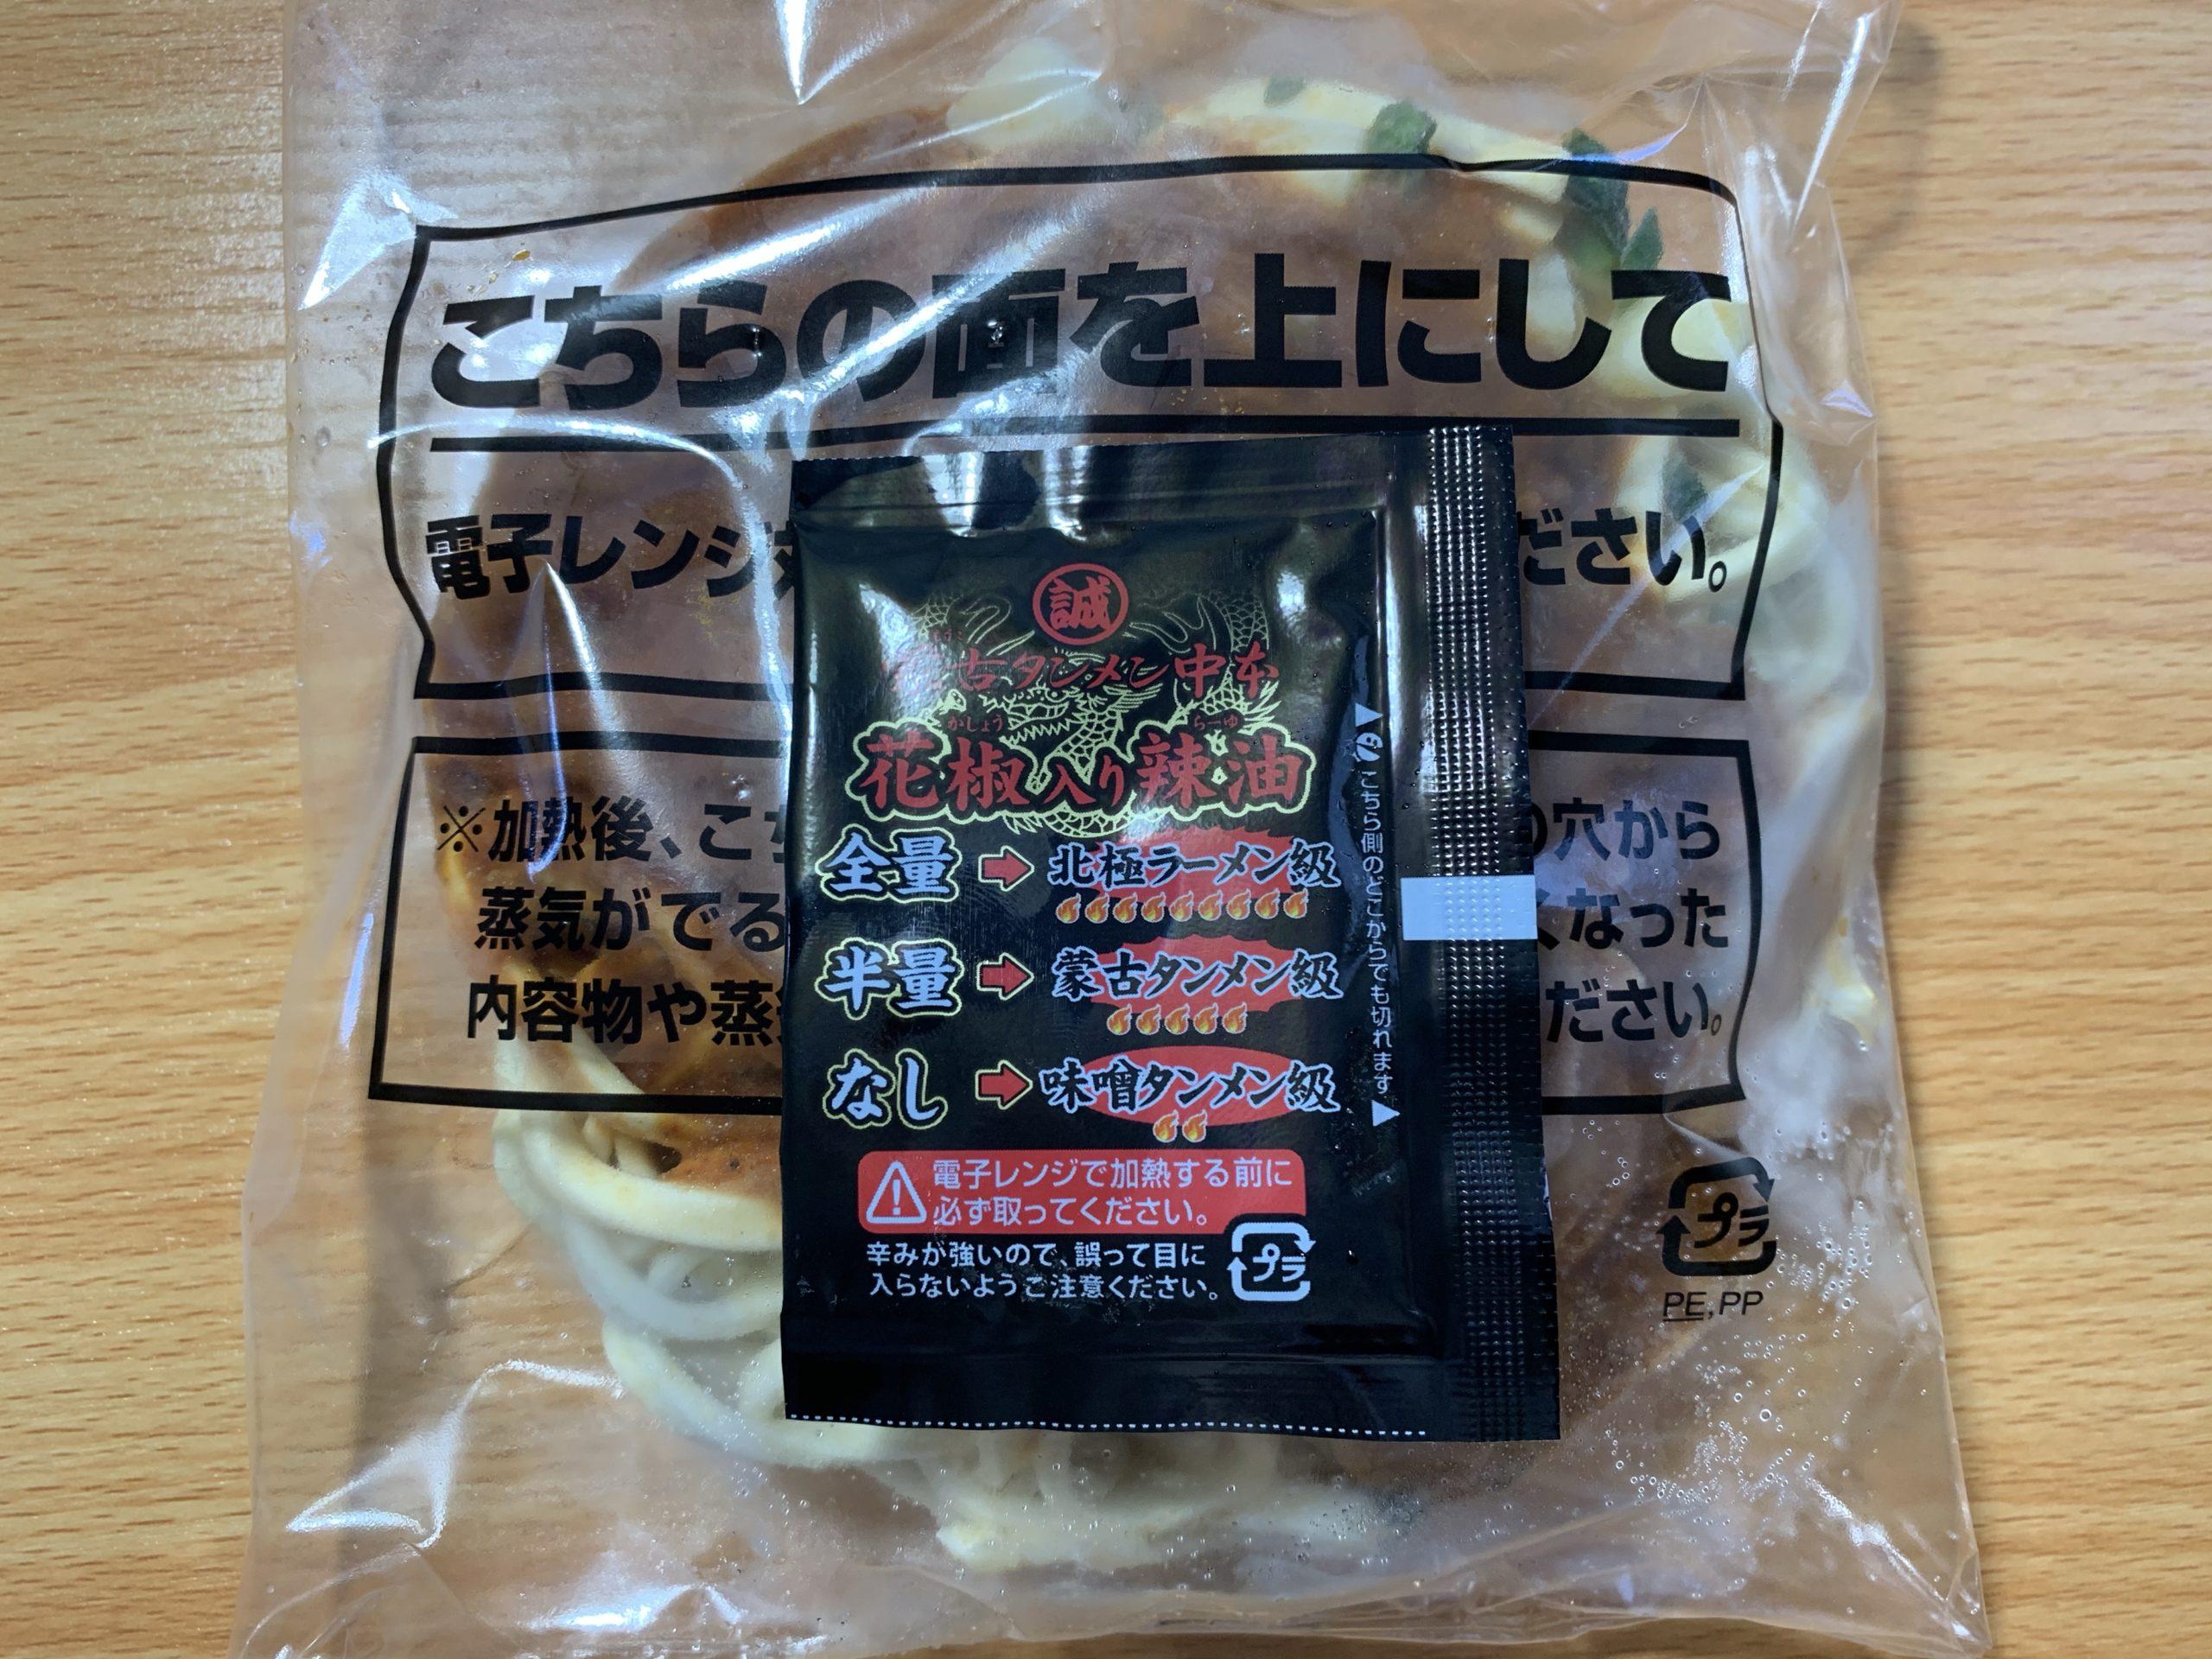 蒙古タンメン中本汁なし誠炸羅(マサラ)麺の開封